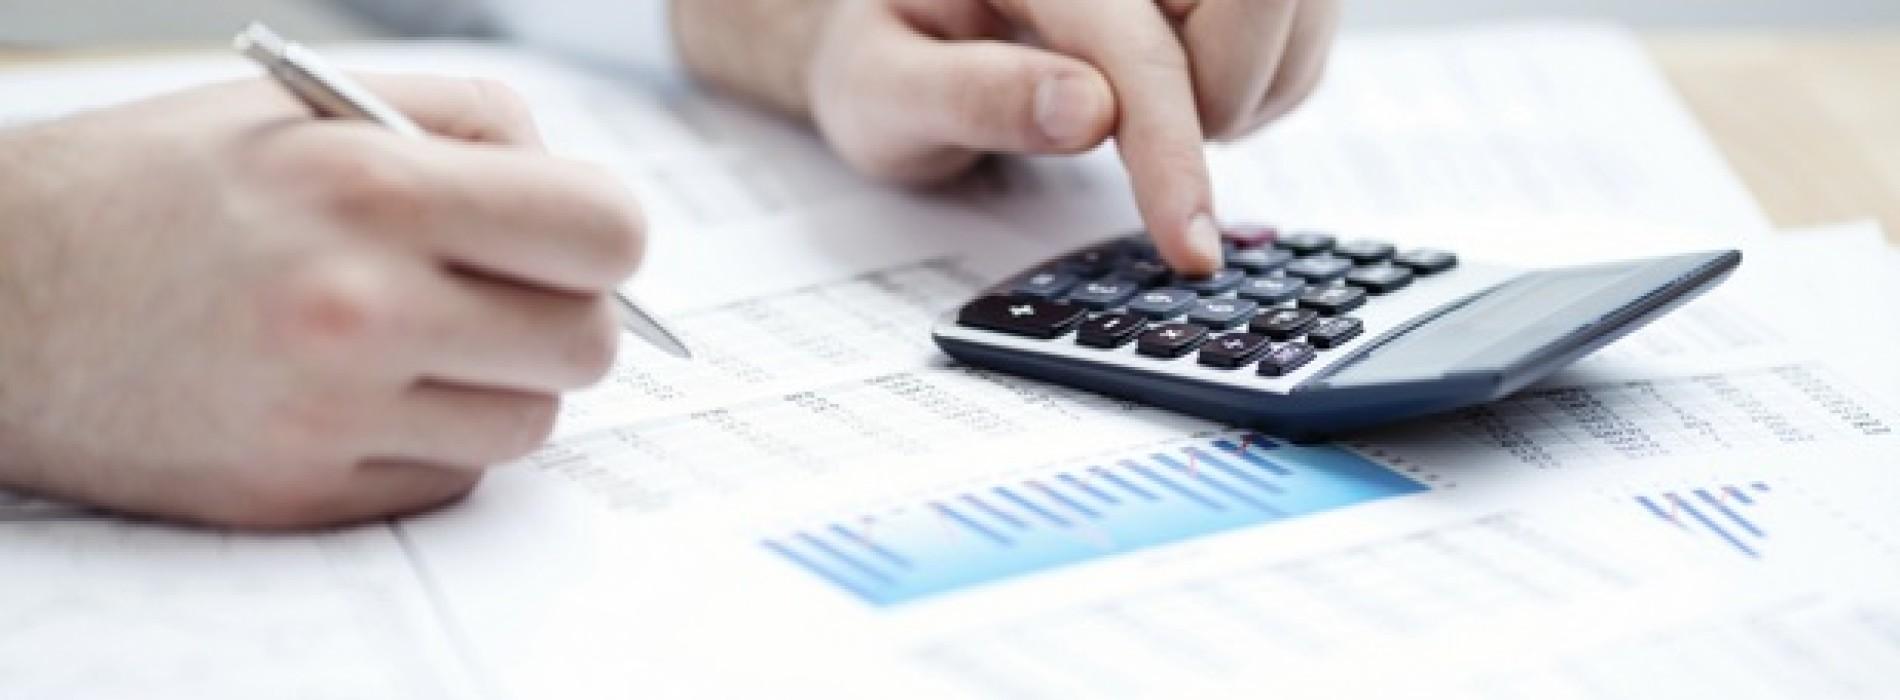 Kiedy można mówić o stracie podatkowej?